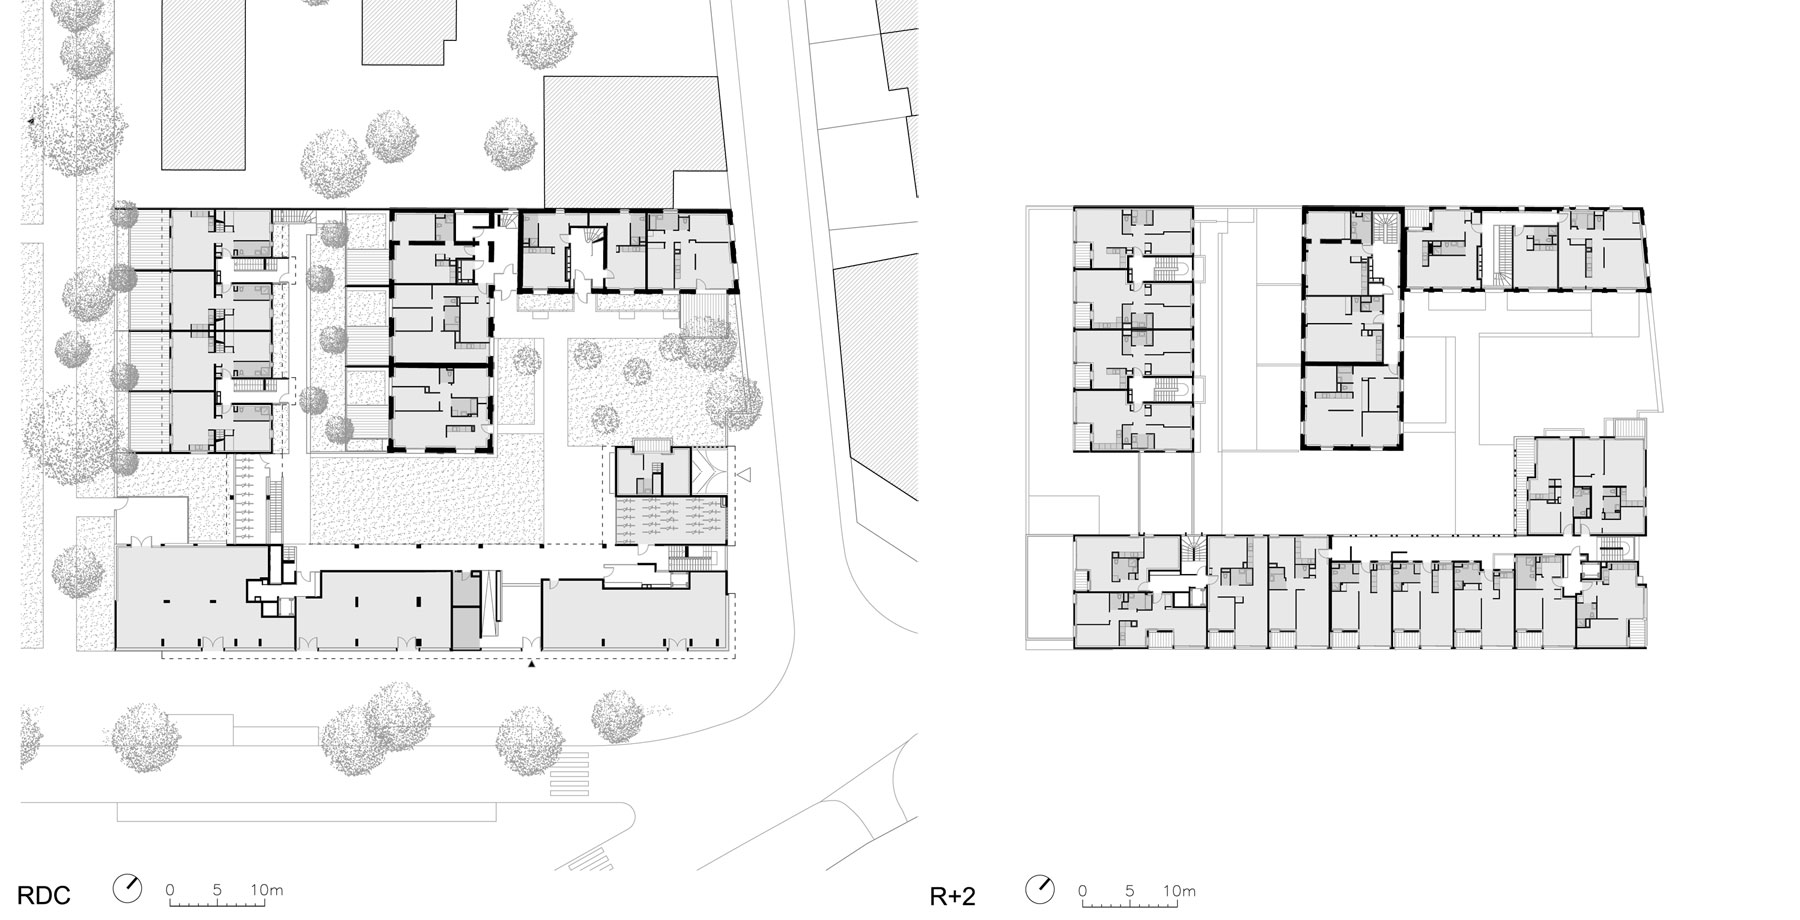 Logements Atelier JAM à Brétigny - Plans principaux